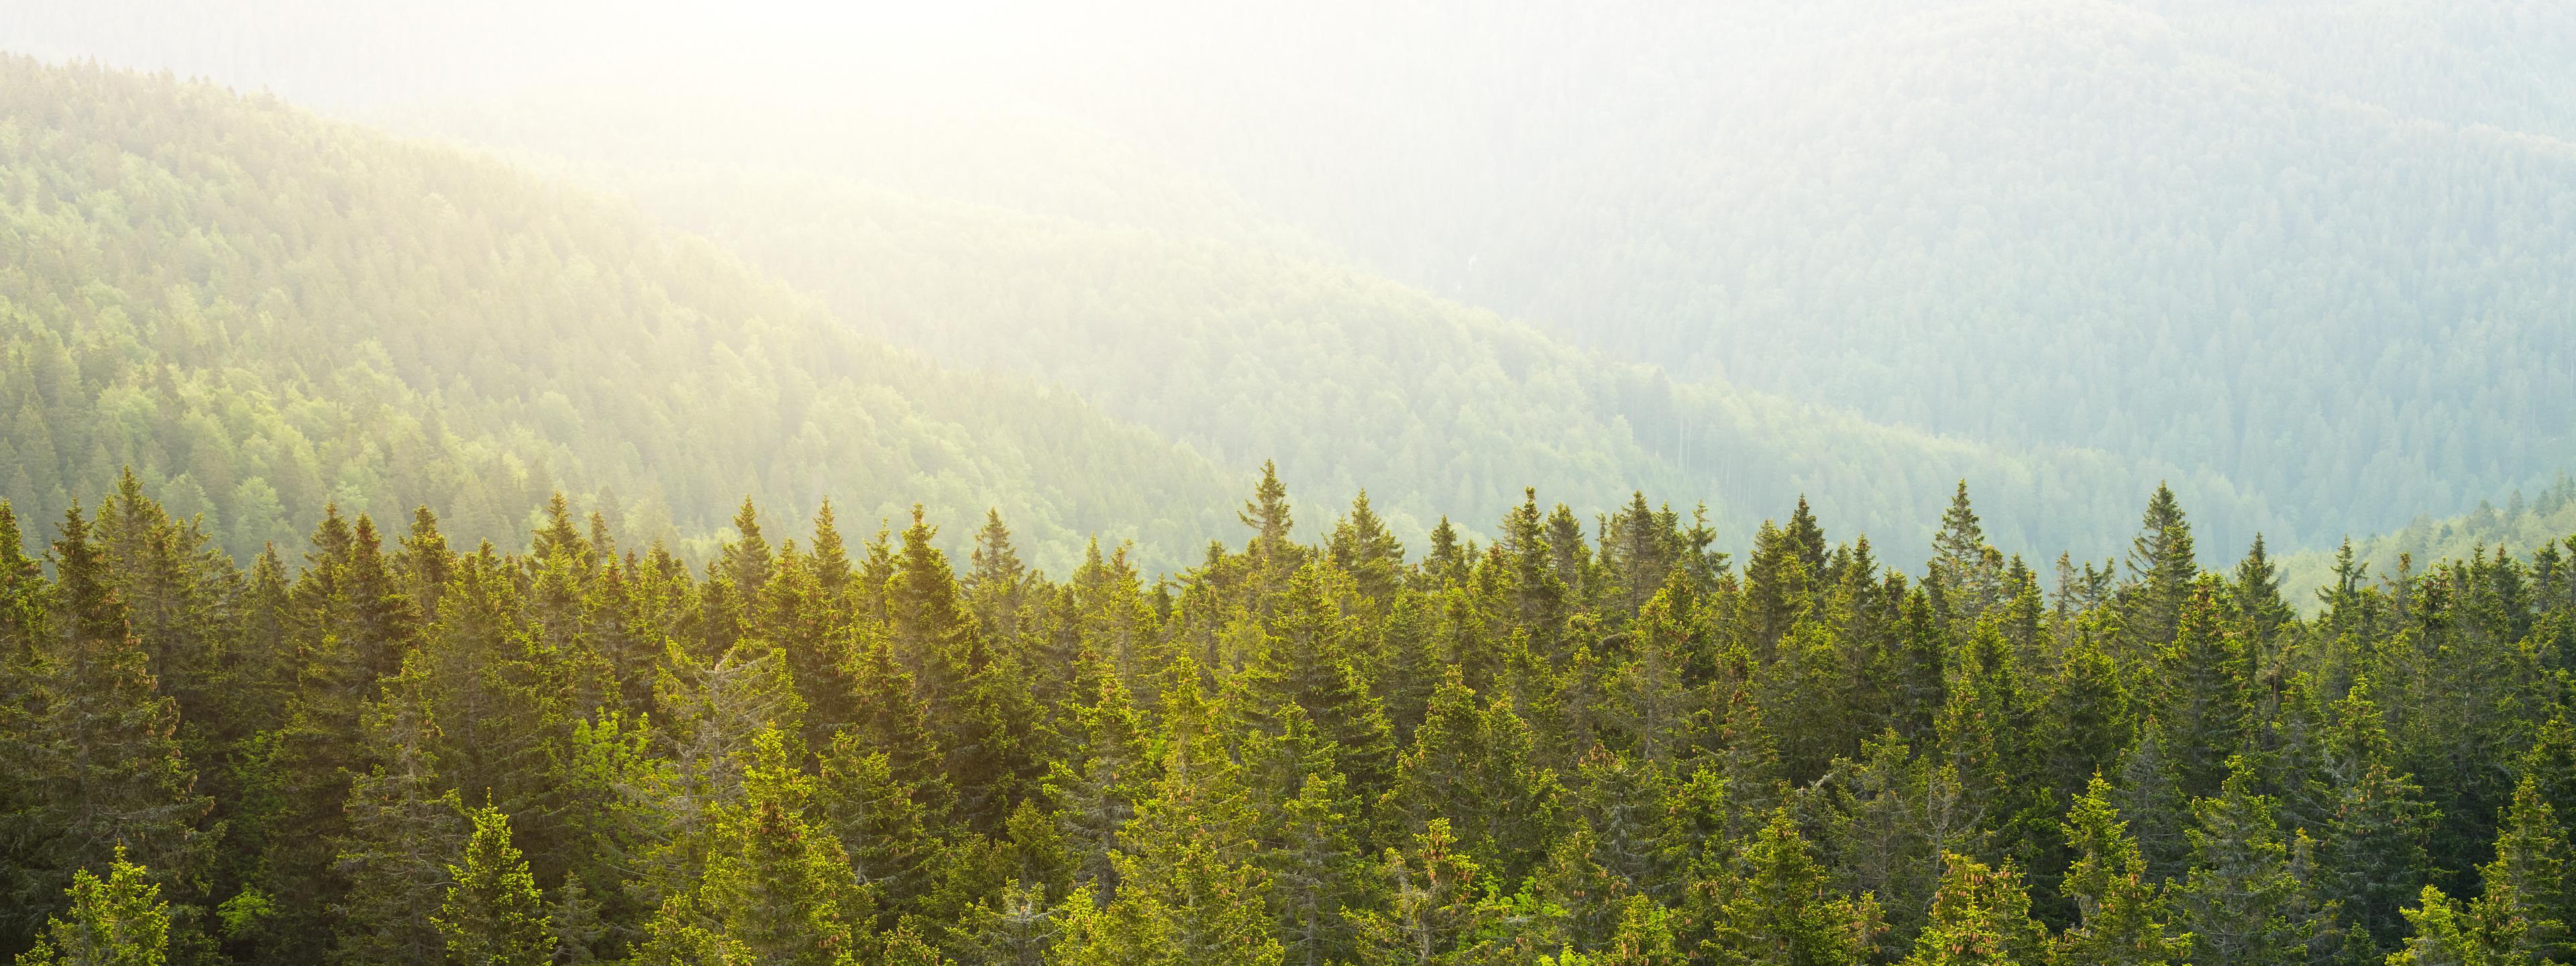 BRITA sustentabilidade cascata em prado verde